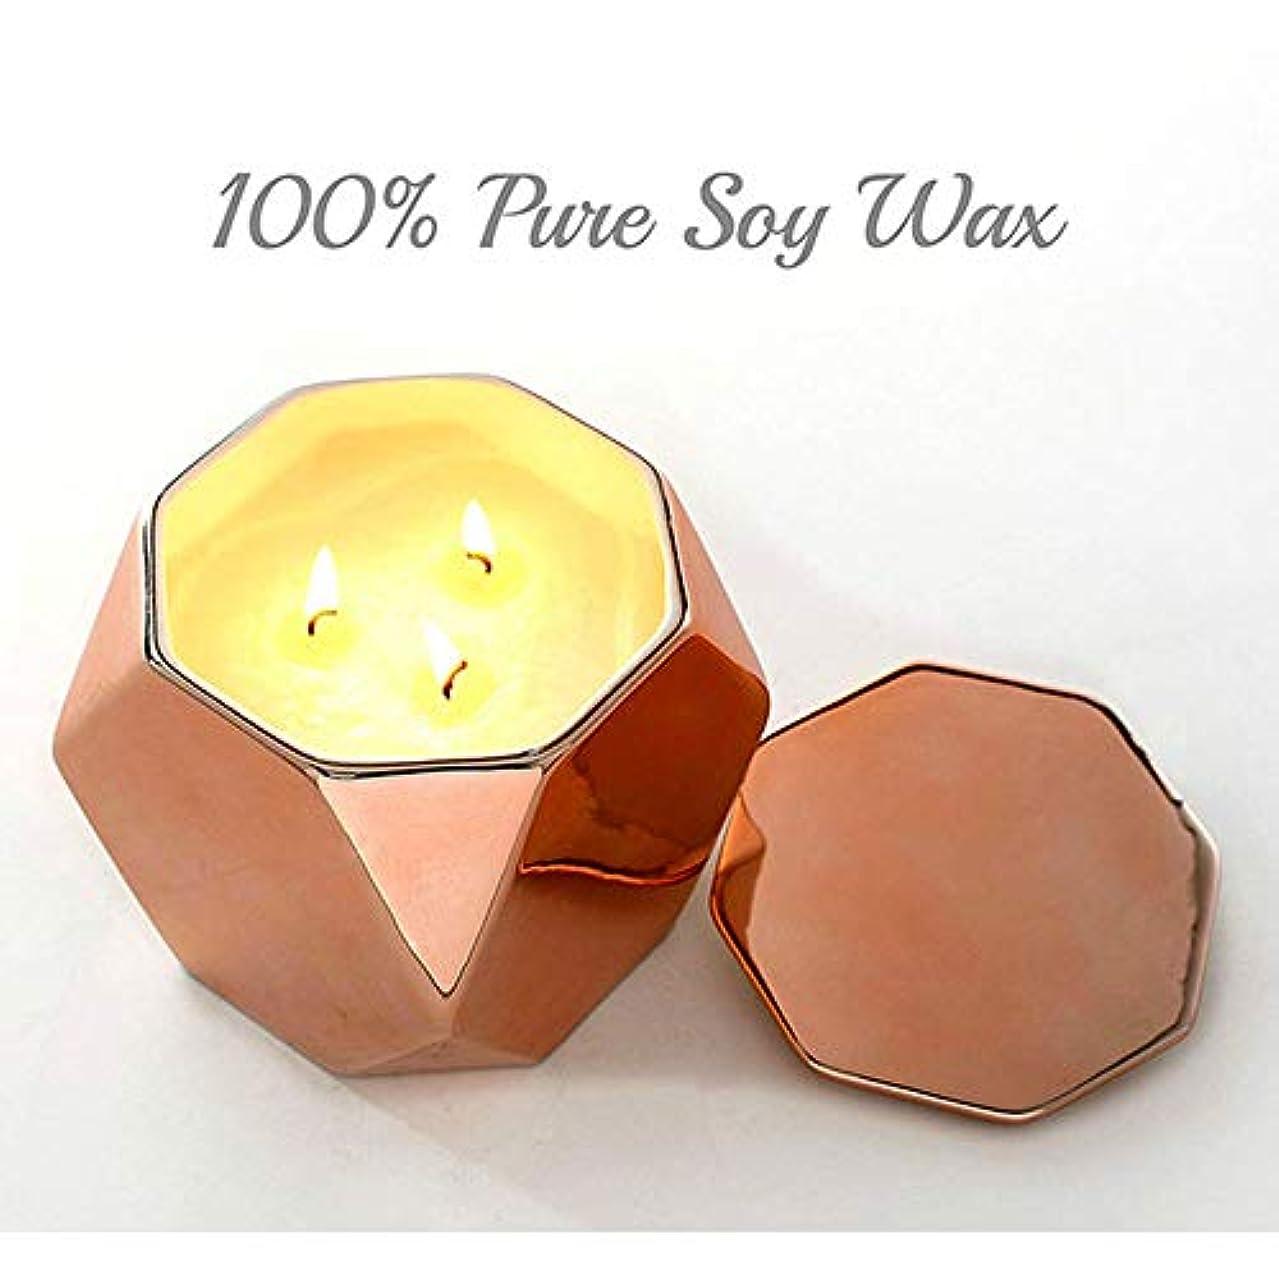 通知する形容詞我慢する27Oz特大の缶3つの中心の香料入りの蝋燭の環境に優しい植物の精油の大豆のワックスの無煙蝋燭(5箱)